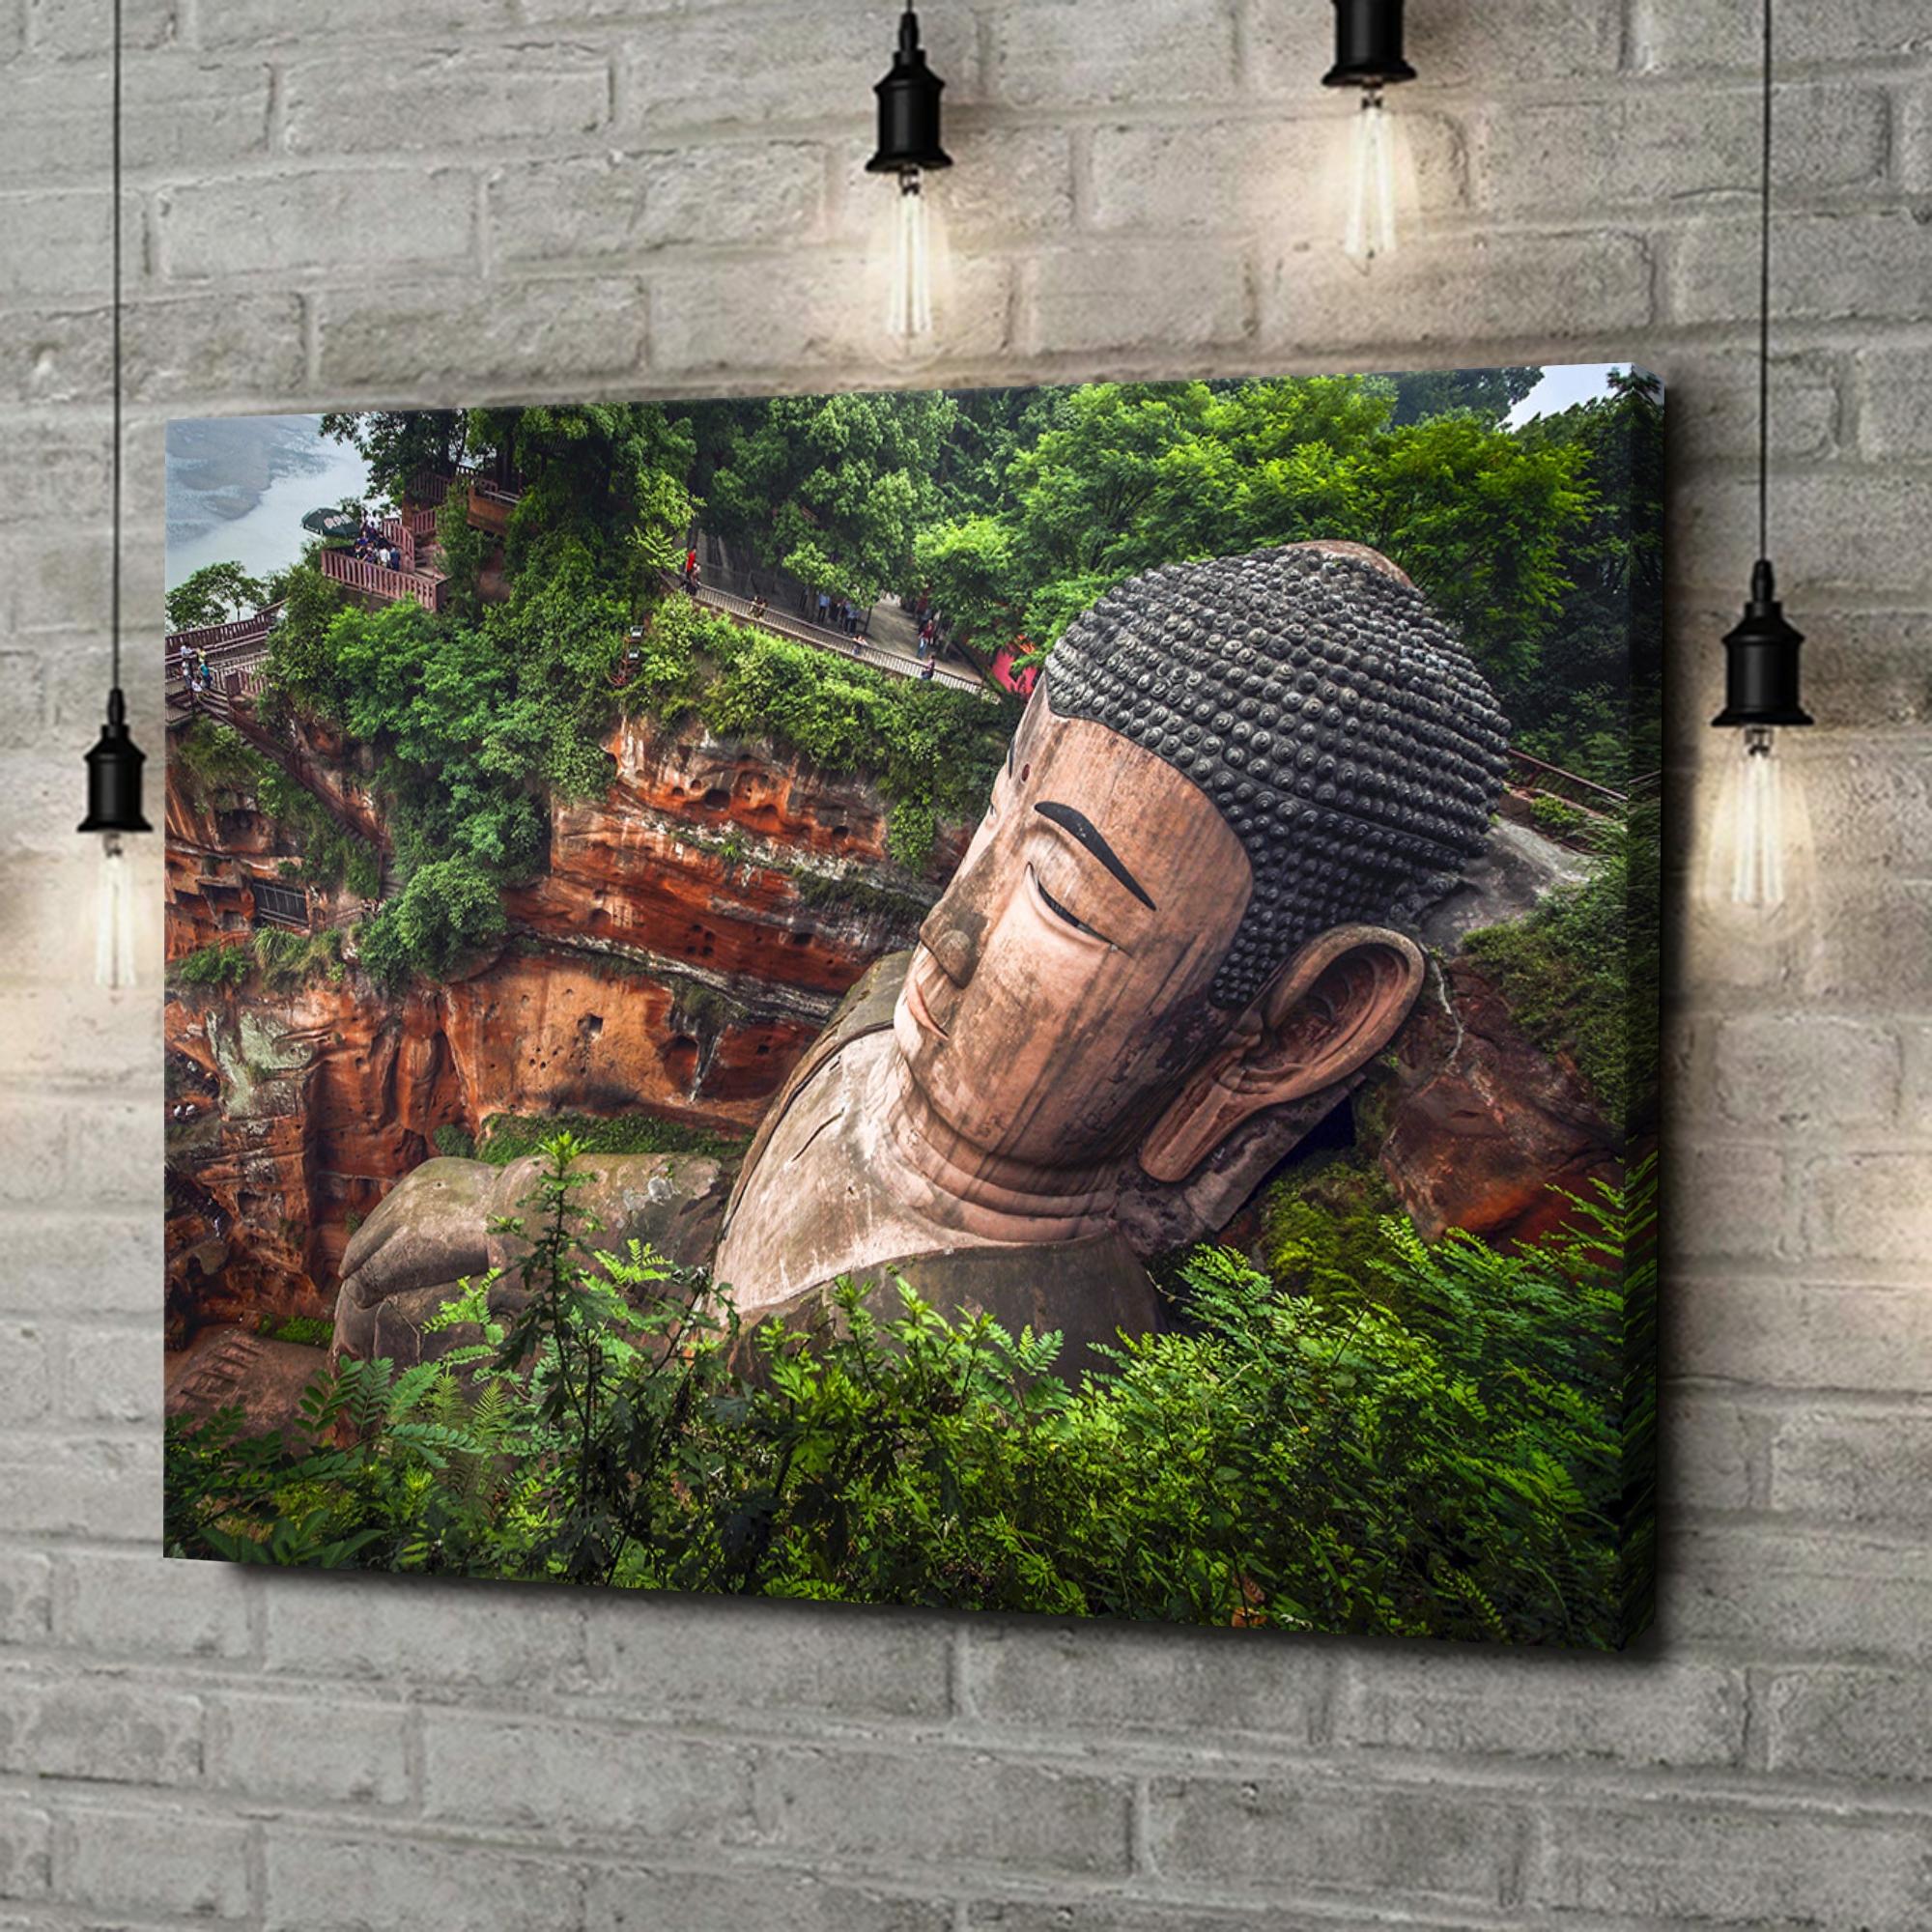 Leinwandbild personalisiert Buddha Statur Leshan China